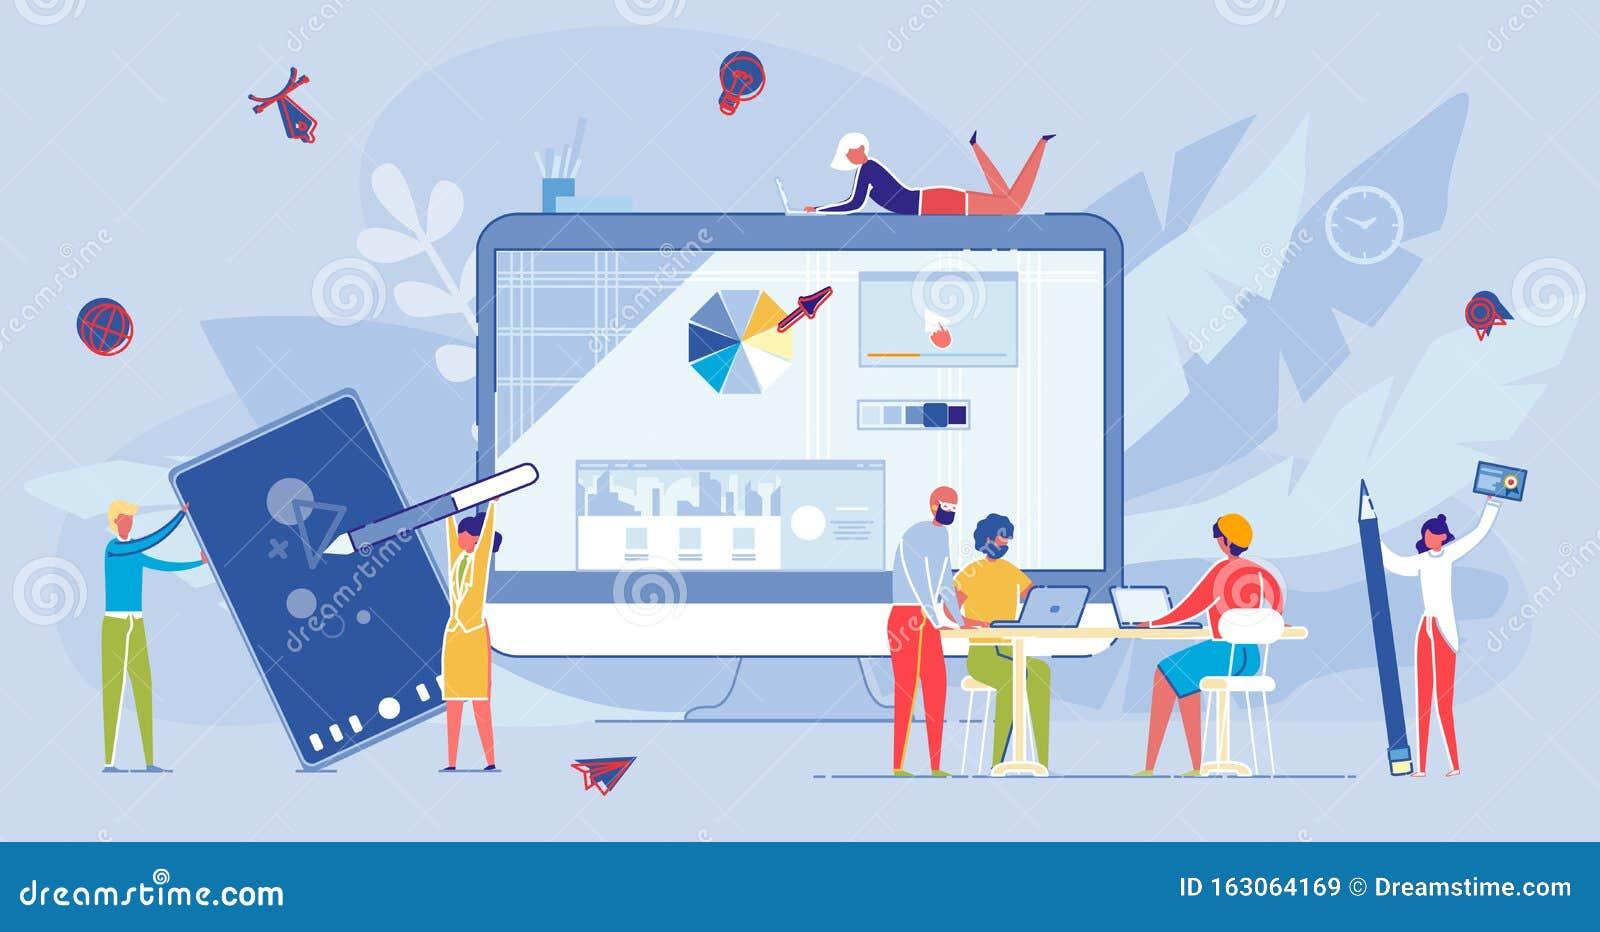 Curso De Internet A Distancia En Línea Y Educación Stock De Ilustración Ilustración De Social Internet 163064169